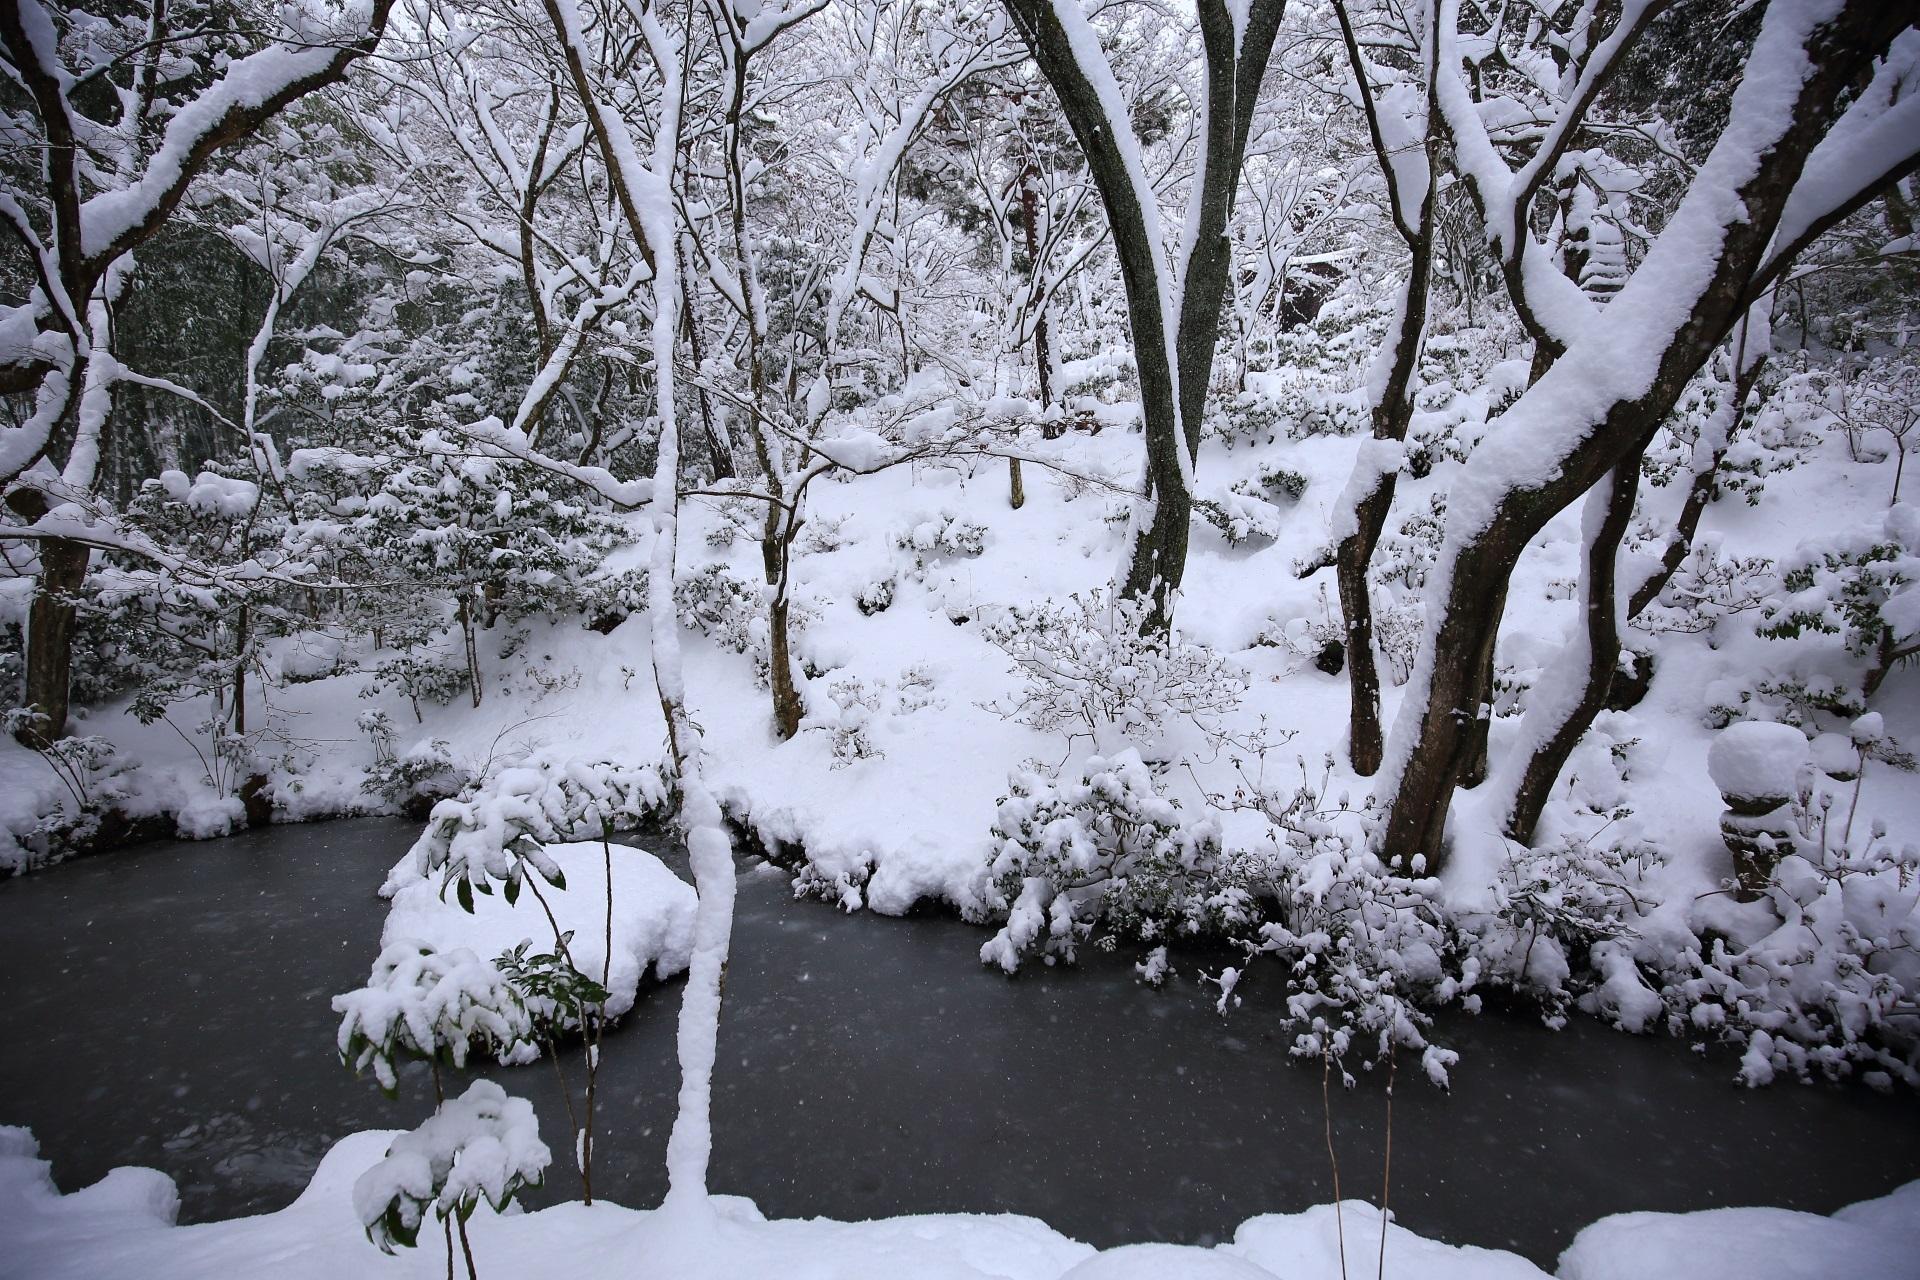 一面雪に覆われた常寂光寺の本堂庭園